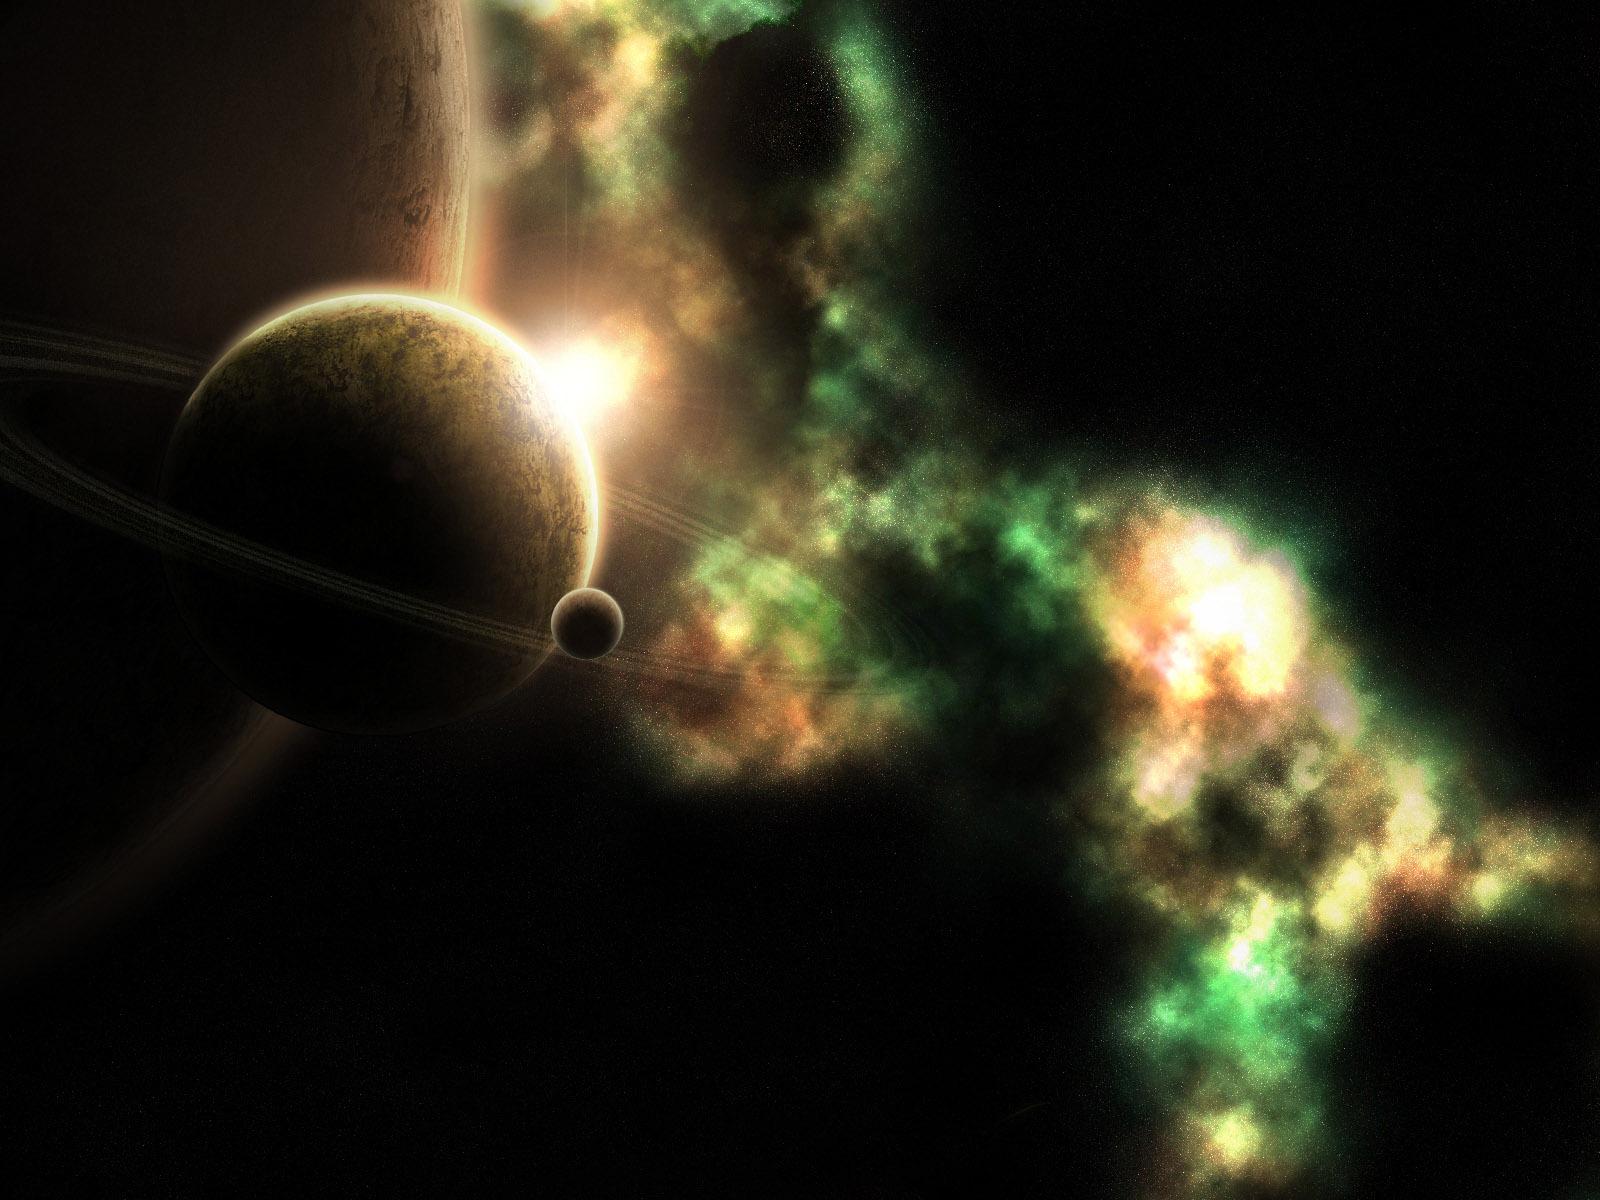 壁纸1600×1200外太空精美行星设计高清壁纸 第二集 壁纸5壁纸 外太空精美行星设计高壁纸图片风景壁纸风景图片素材桌面壁纸